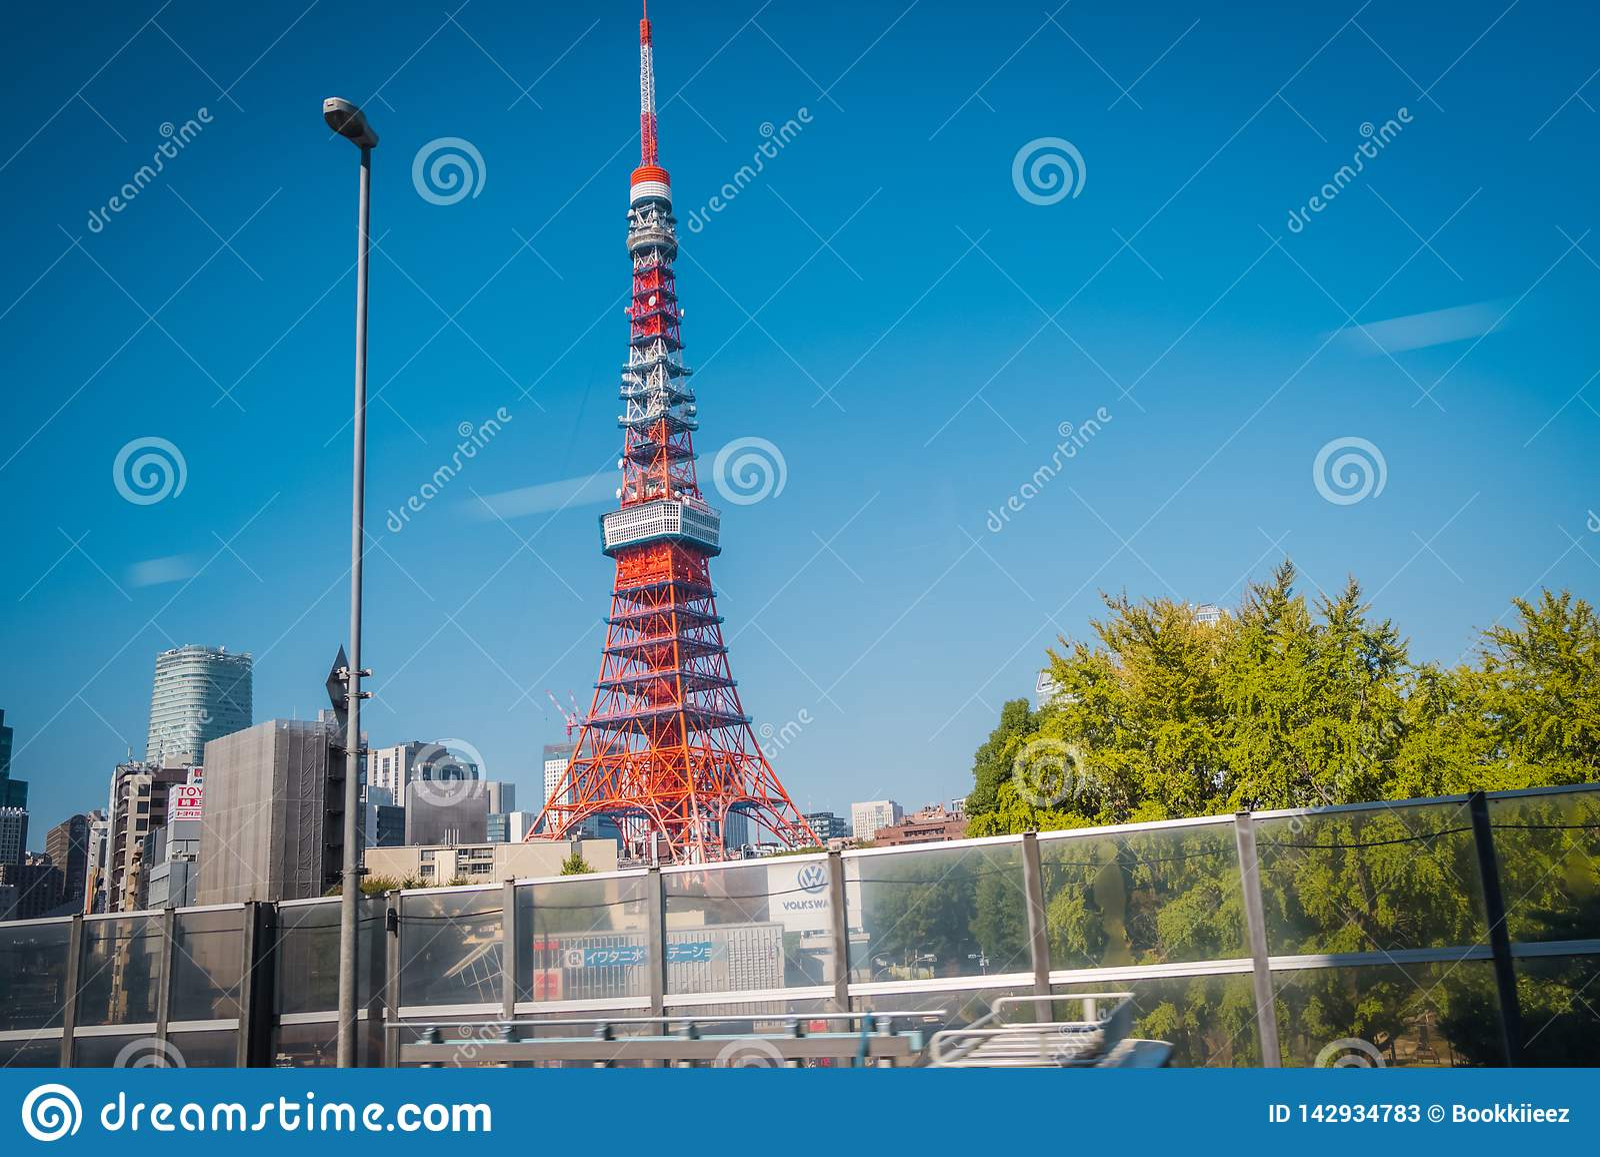 Torre de Tokio en el distrito de Shiba-Koen, Tokio, Japón